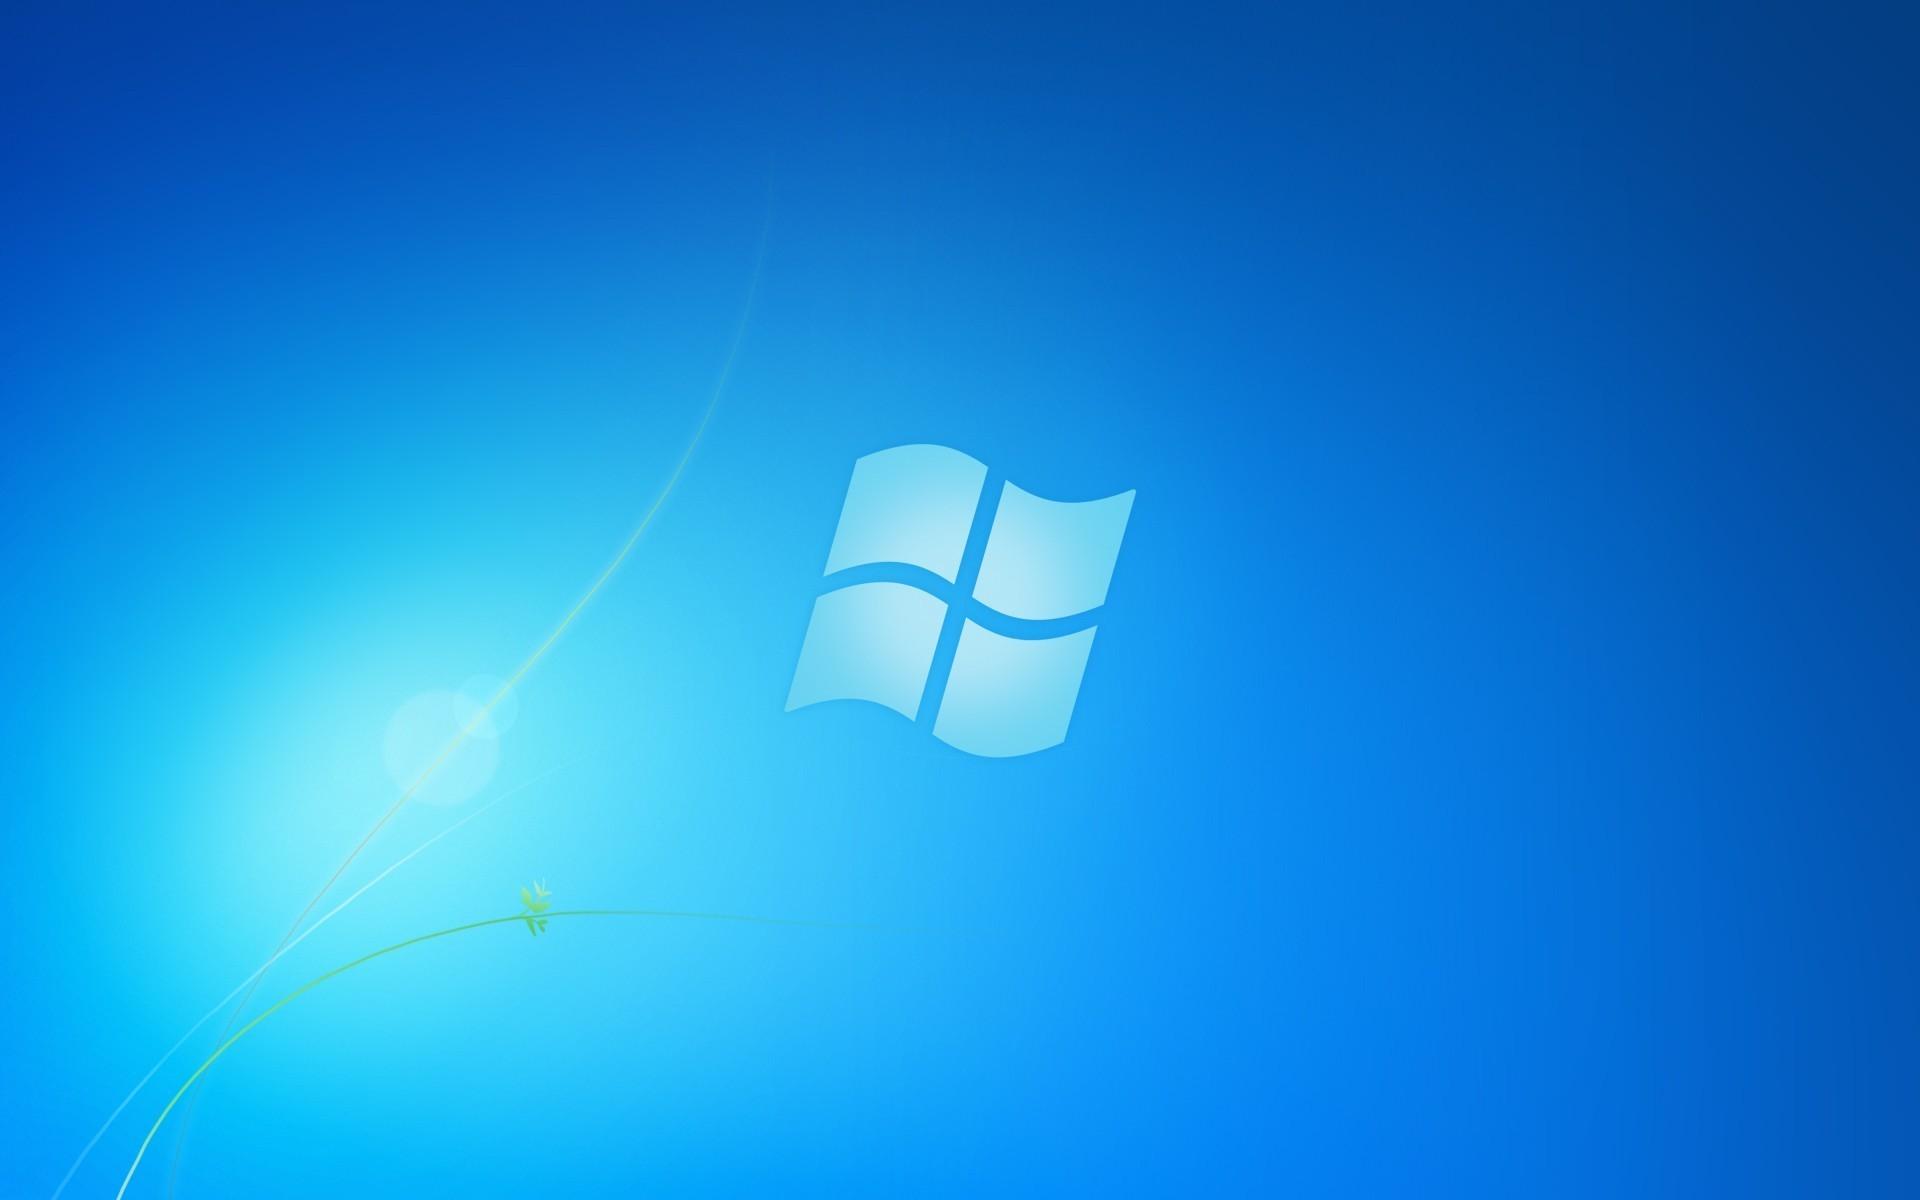 Windows Tapeta HD  80028b141dd